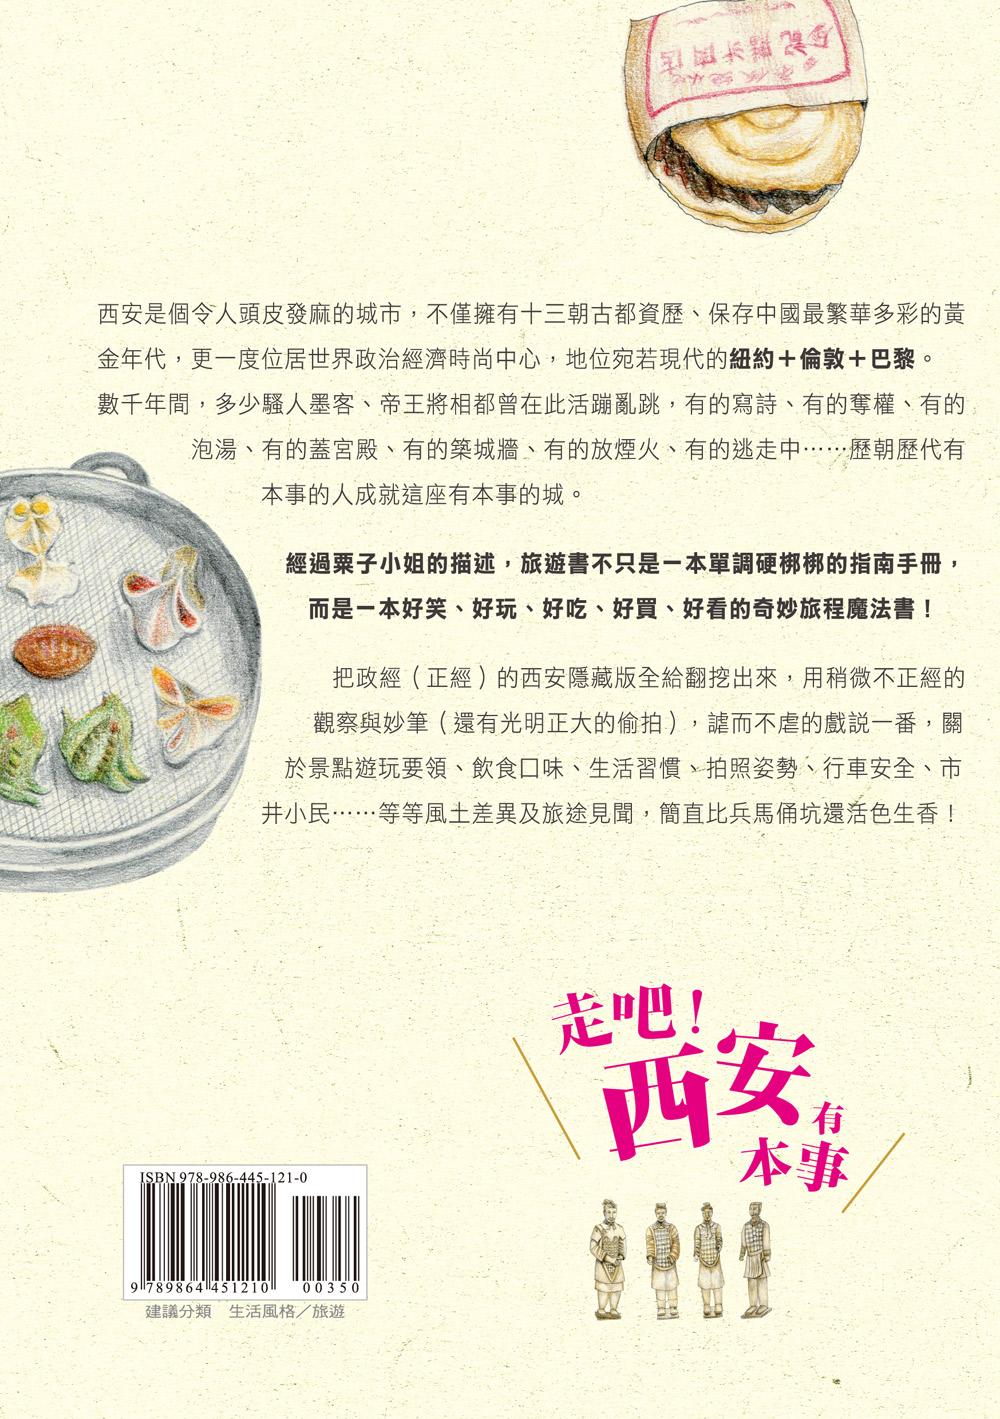 http://im2.book.com.tw/image/getImage?i=http://www.books.com.tw/img/001/071/93/0010719376_bf_01.jpg&v=57629c42&w=655&h=609